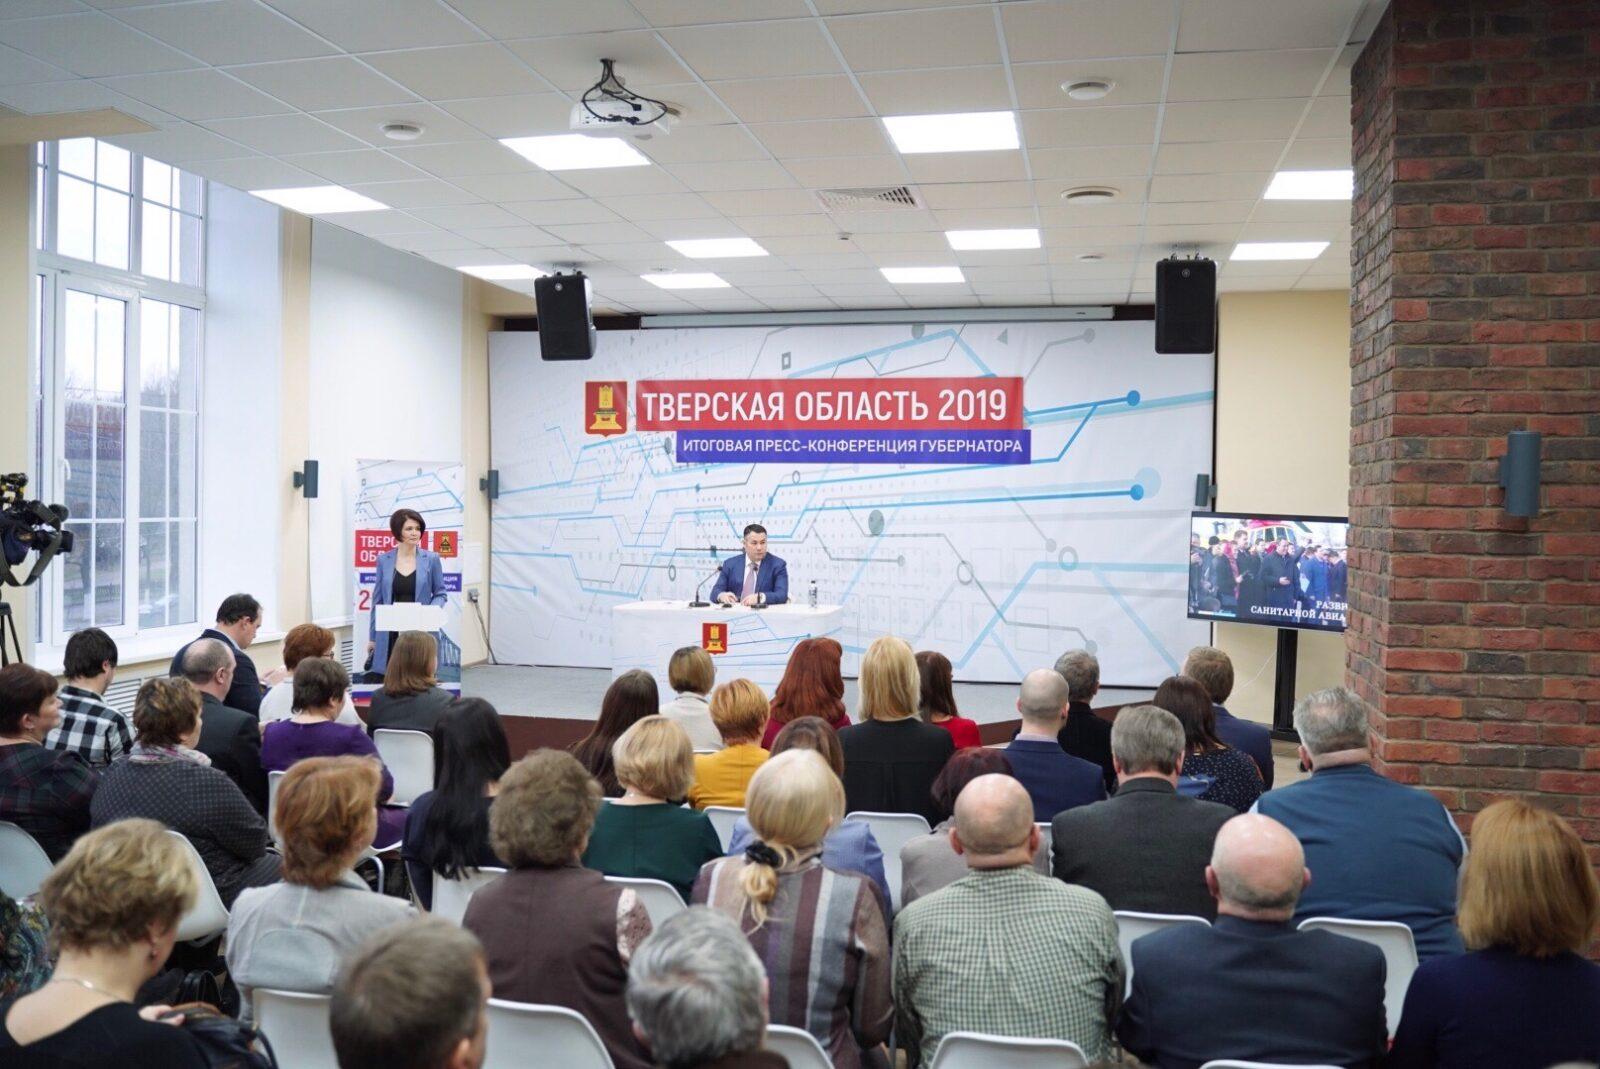 Губернатор Тверской области рассказал, чем лучше отдавать долг Родине